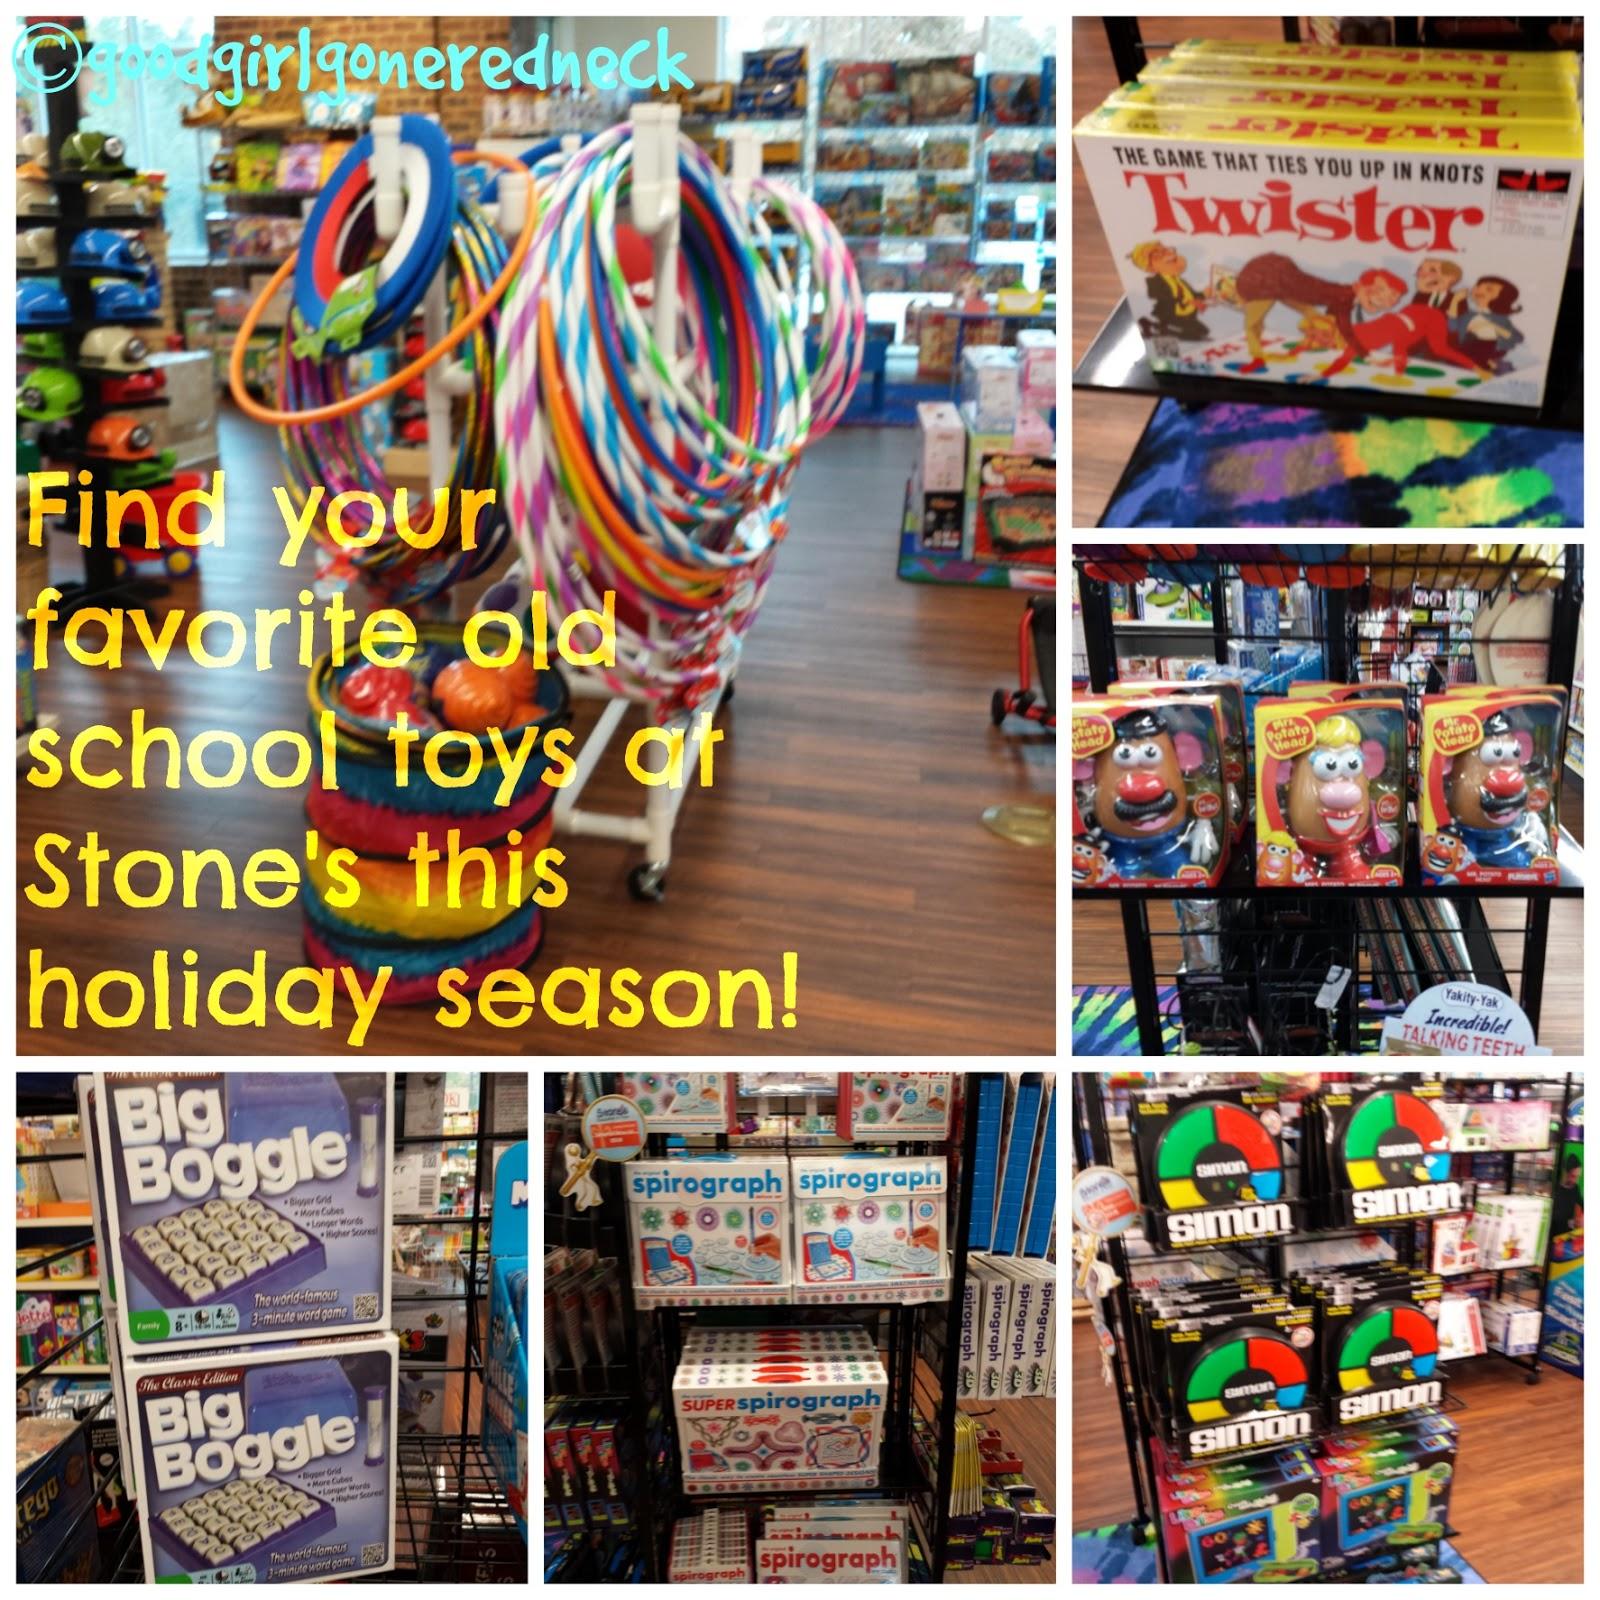 hula hoops, Twister, Mr. Potato Head, Boggle, Spirograph, Simon, games, childhood